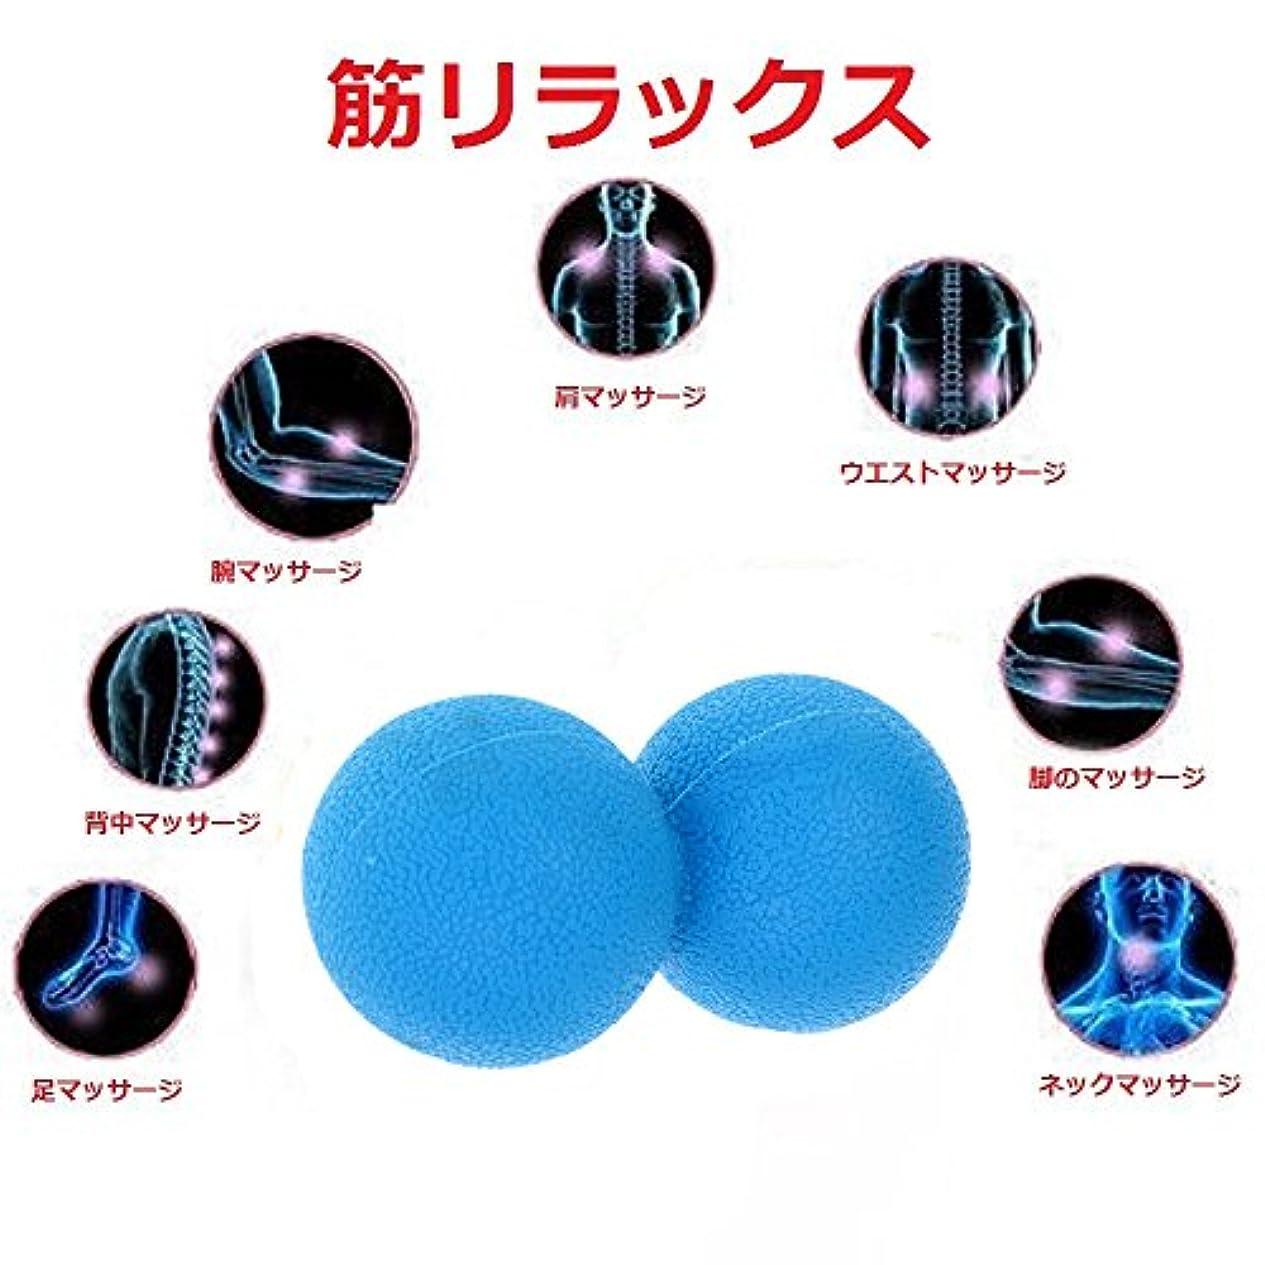 連続的協力エステートZSZBACE マッサージボール ストレッチボール ツボ押しグッズ 健康グッズ 筋膜リリース ピーナッツフィットネスボール 全身リフレッシュボール (ブルー)